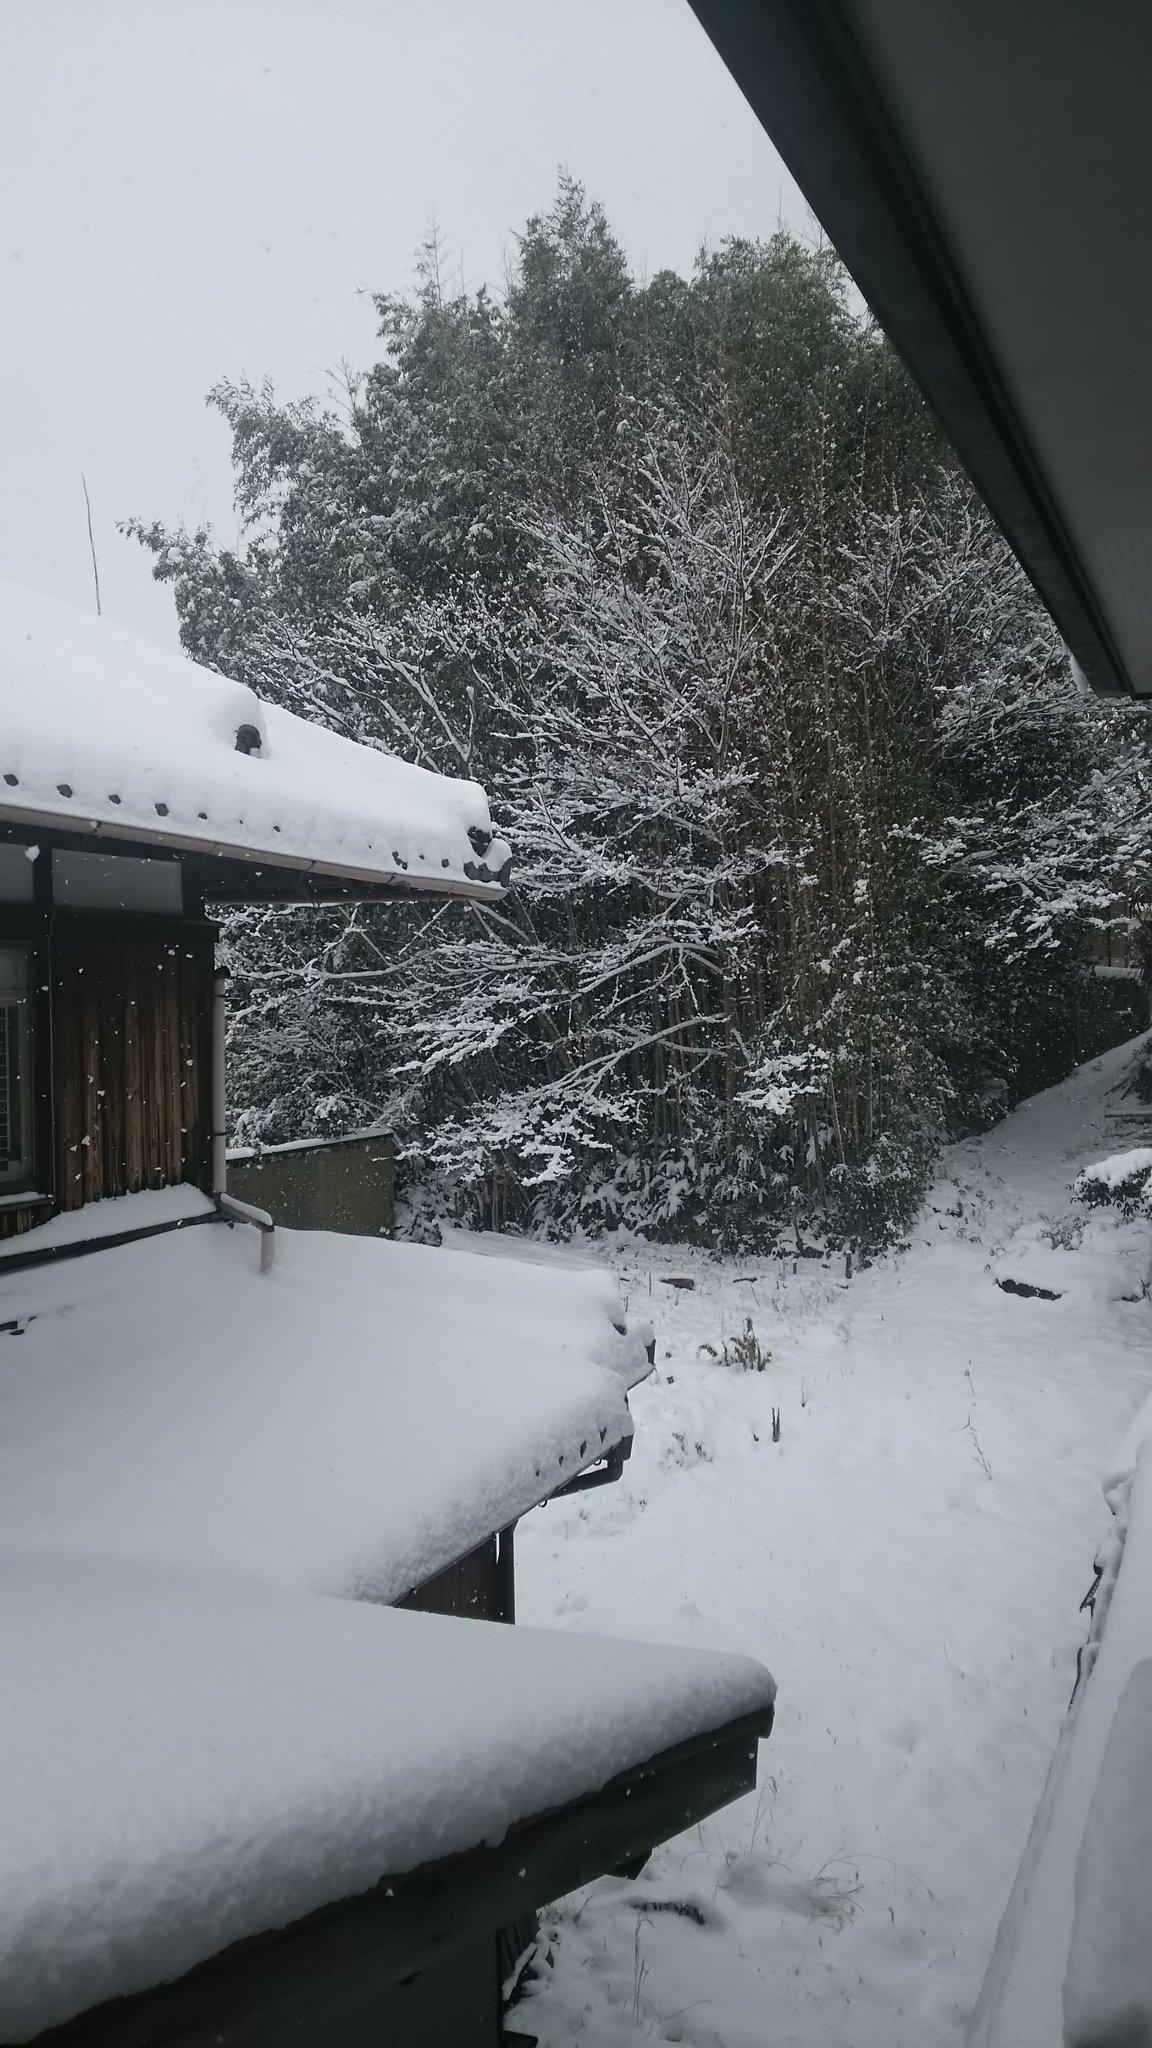 @GACKT こんにちは✨GACK兄様🌹😷GACK兄様からの 的確なアドバイス🌟😍😍😍でも ざわちん 凄いですよね😵 滋賀も雪まみれで⛄お外今日ばでましぇ~ん❄